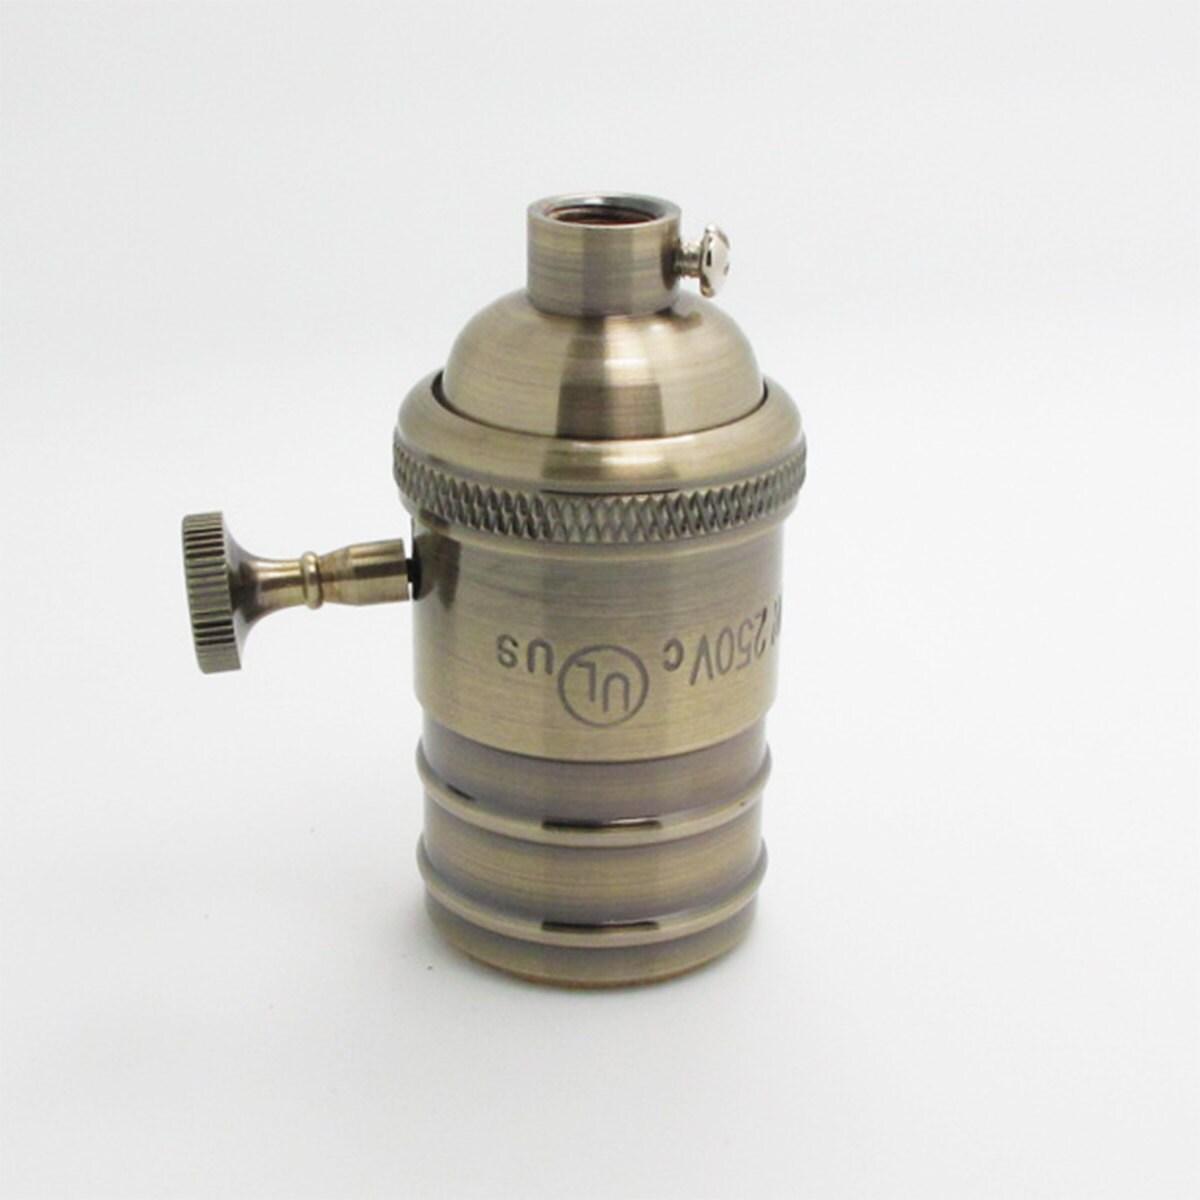 Douille de lampe cuivre fonc avec interrupteur marche arr t - Douille lampe de chevet ...